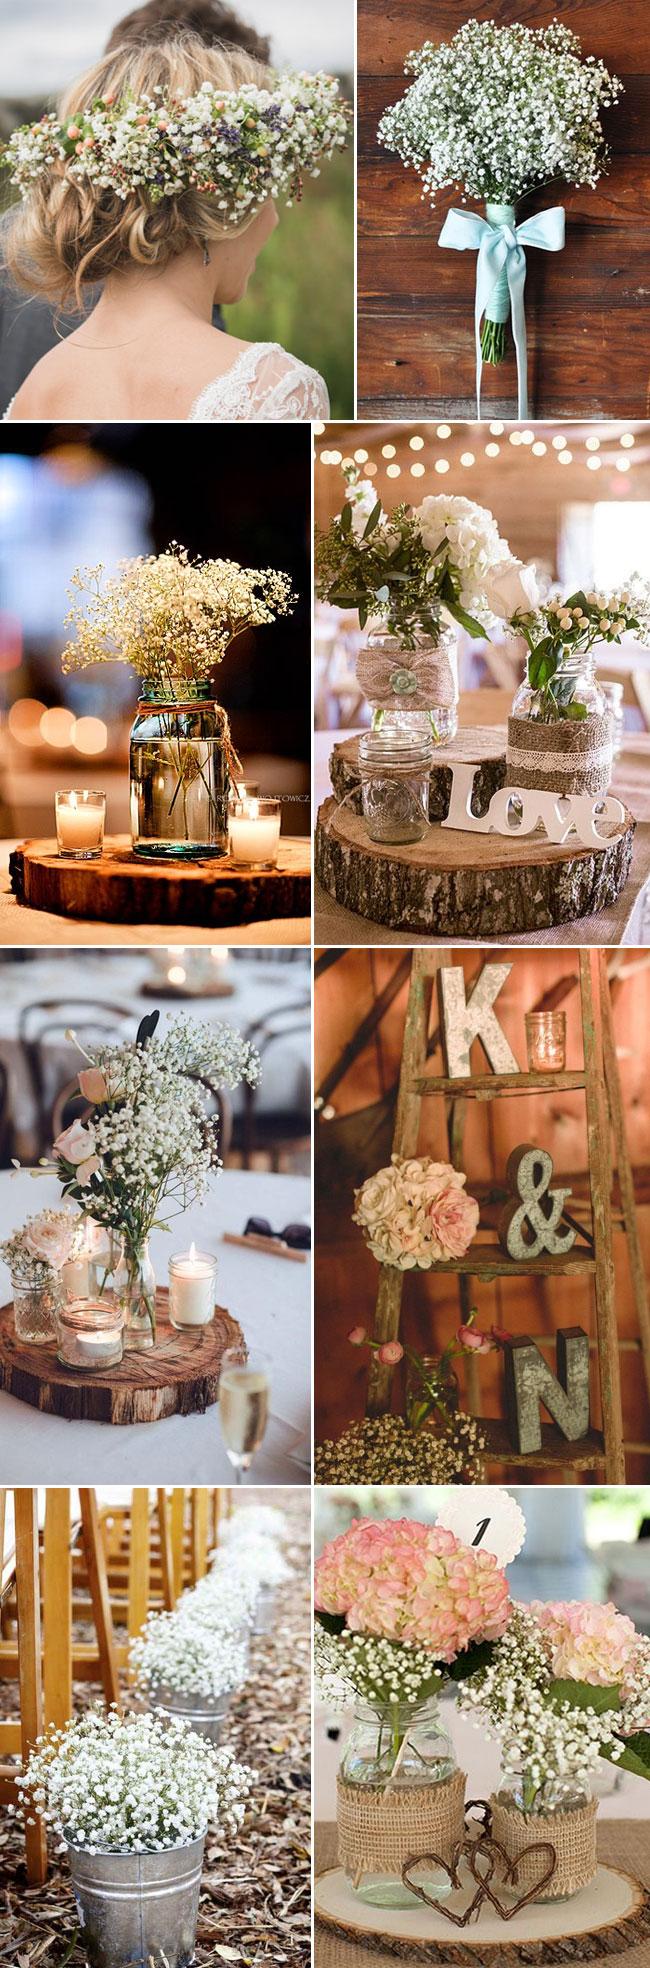 50 Rustic Fall Barn Wedding Ideas That Will Take Your Breath Away Stylish Wedd Blog